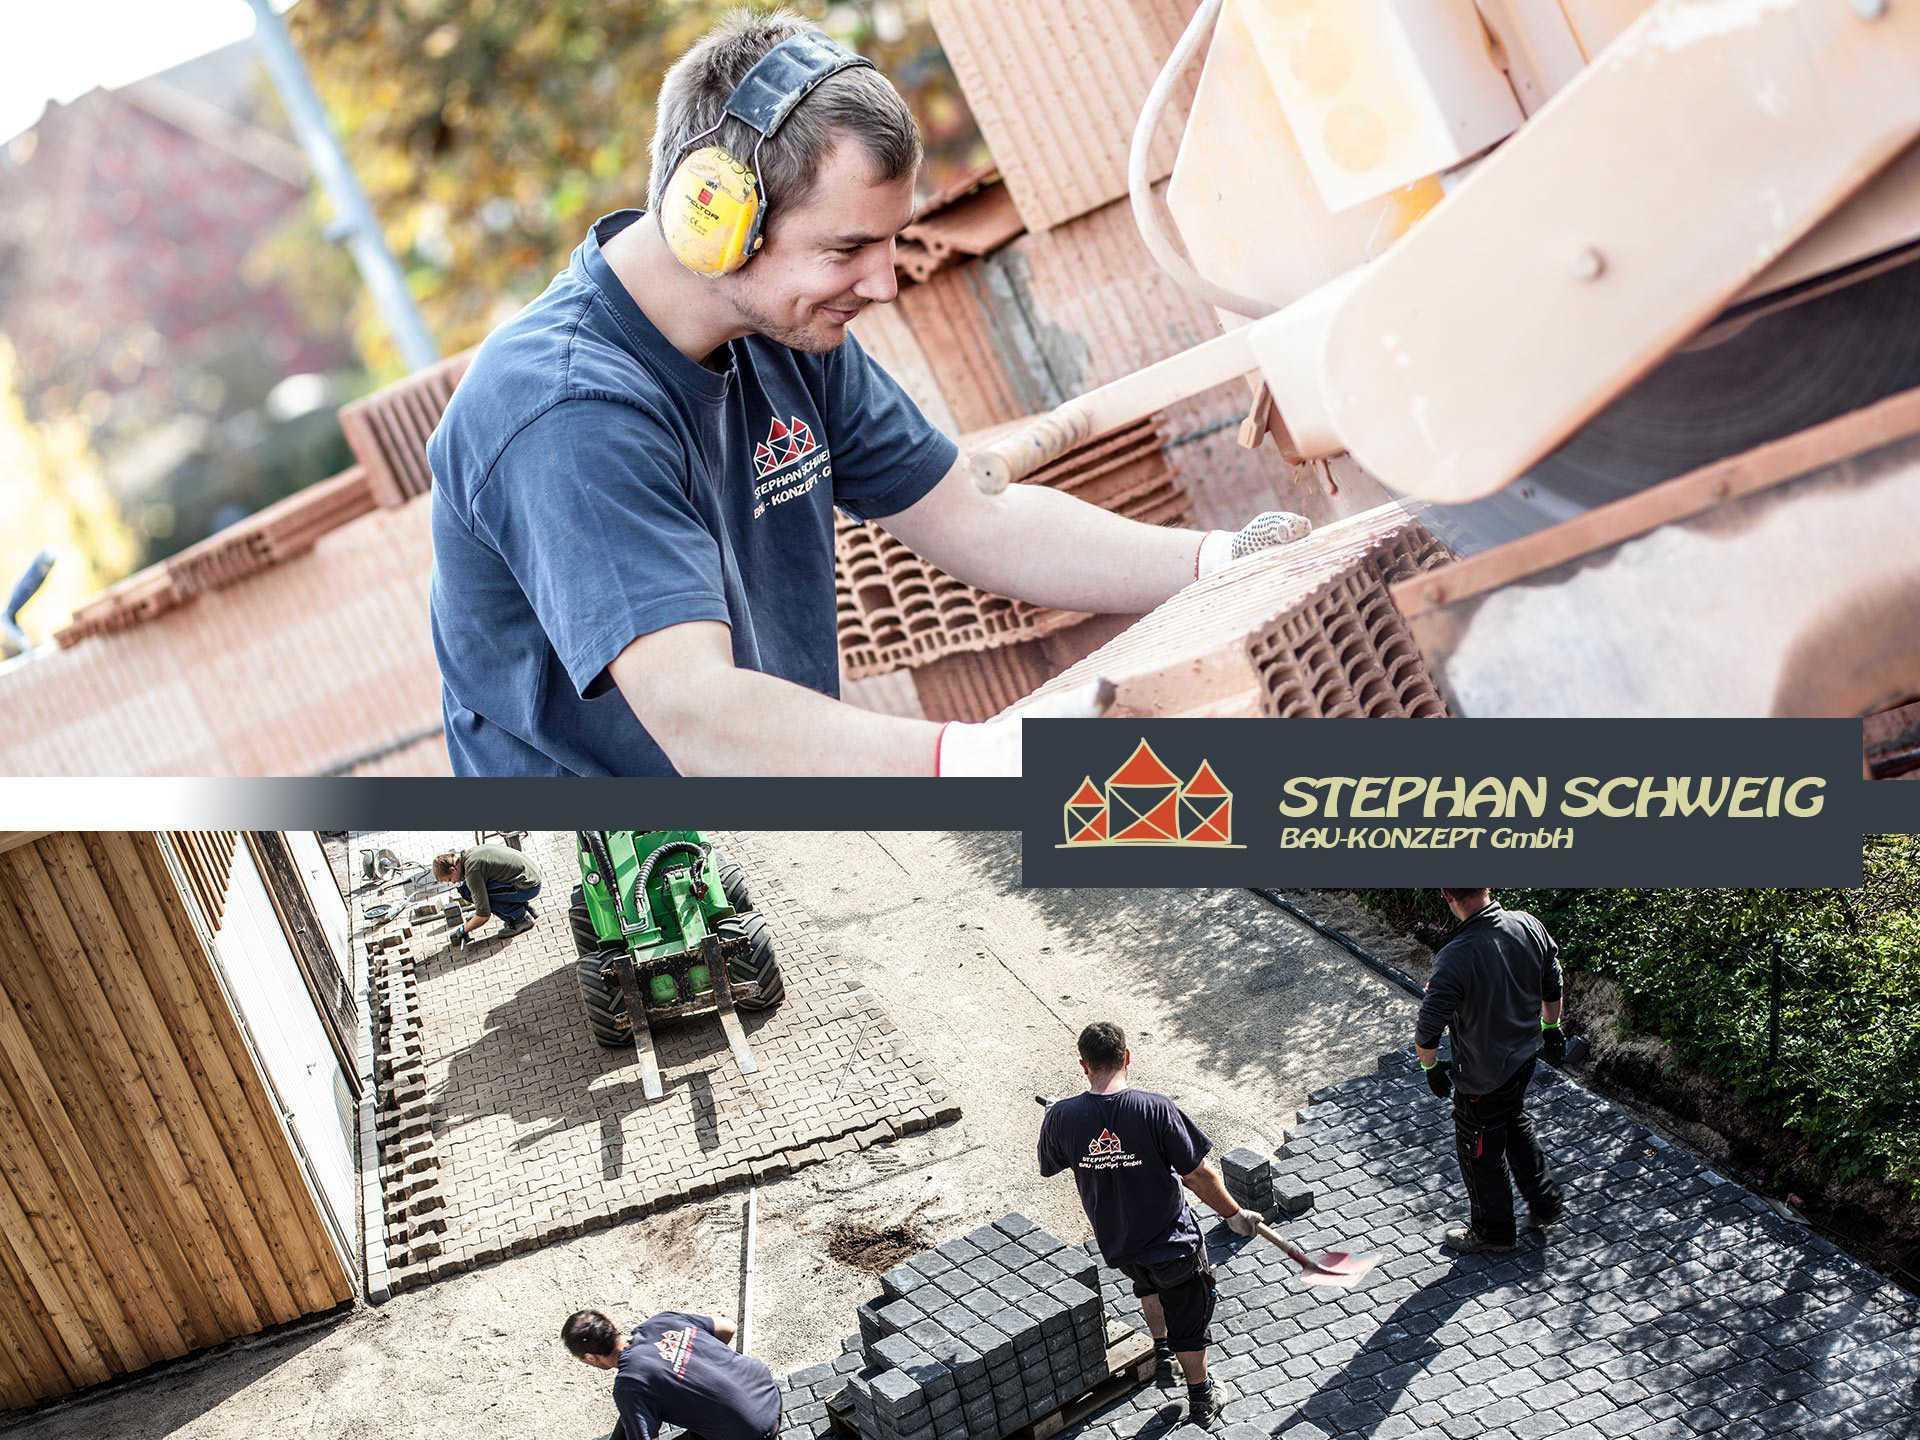 Titelbild Bau-Konzept Stephan Schweig